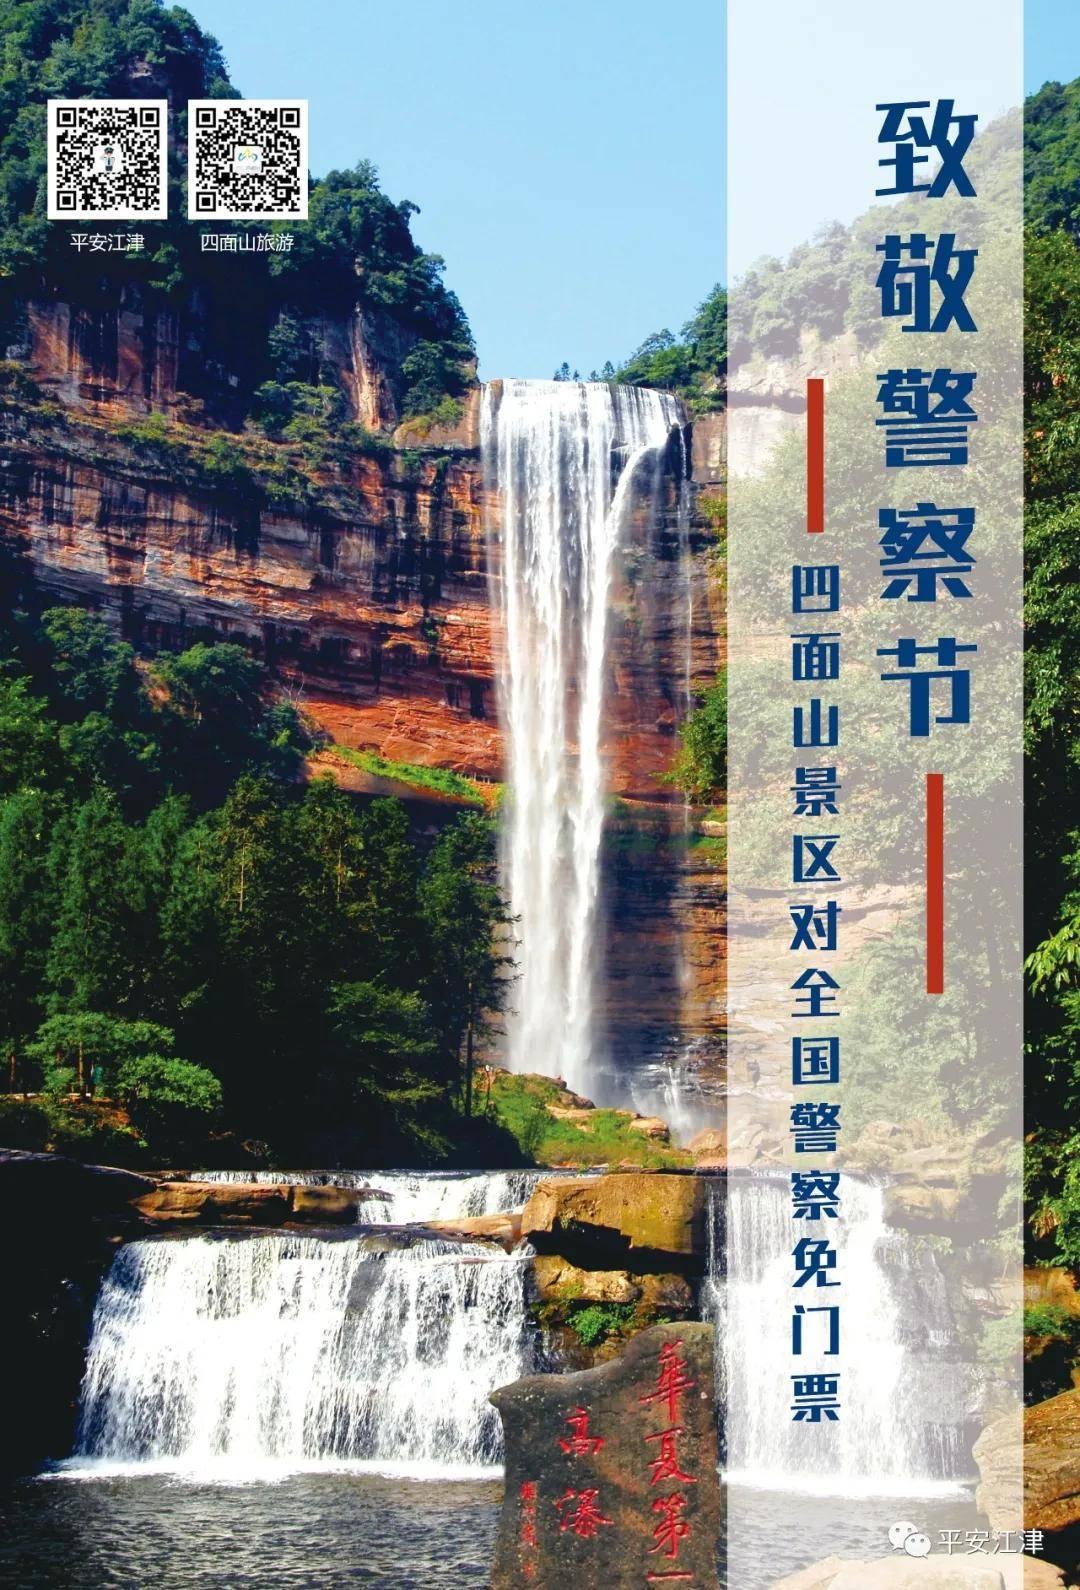 致敬警察节丨重庆四面山景区(5A)向全国警察免门票!